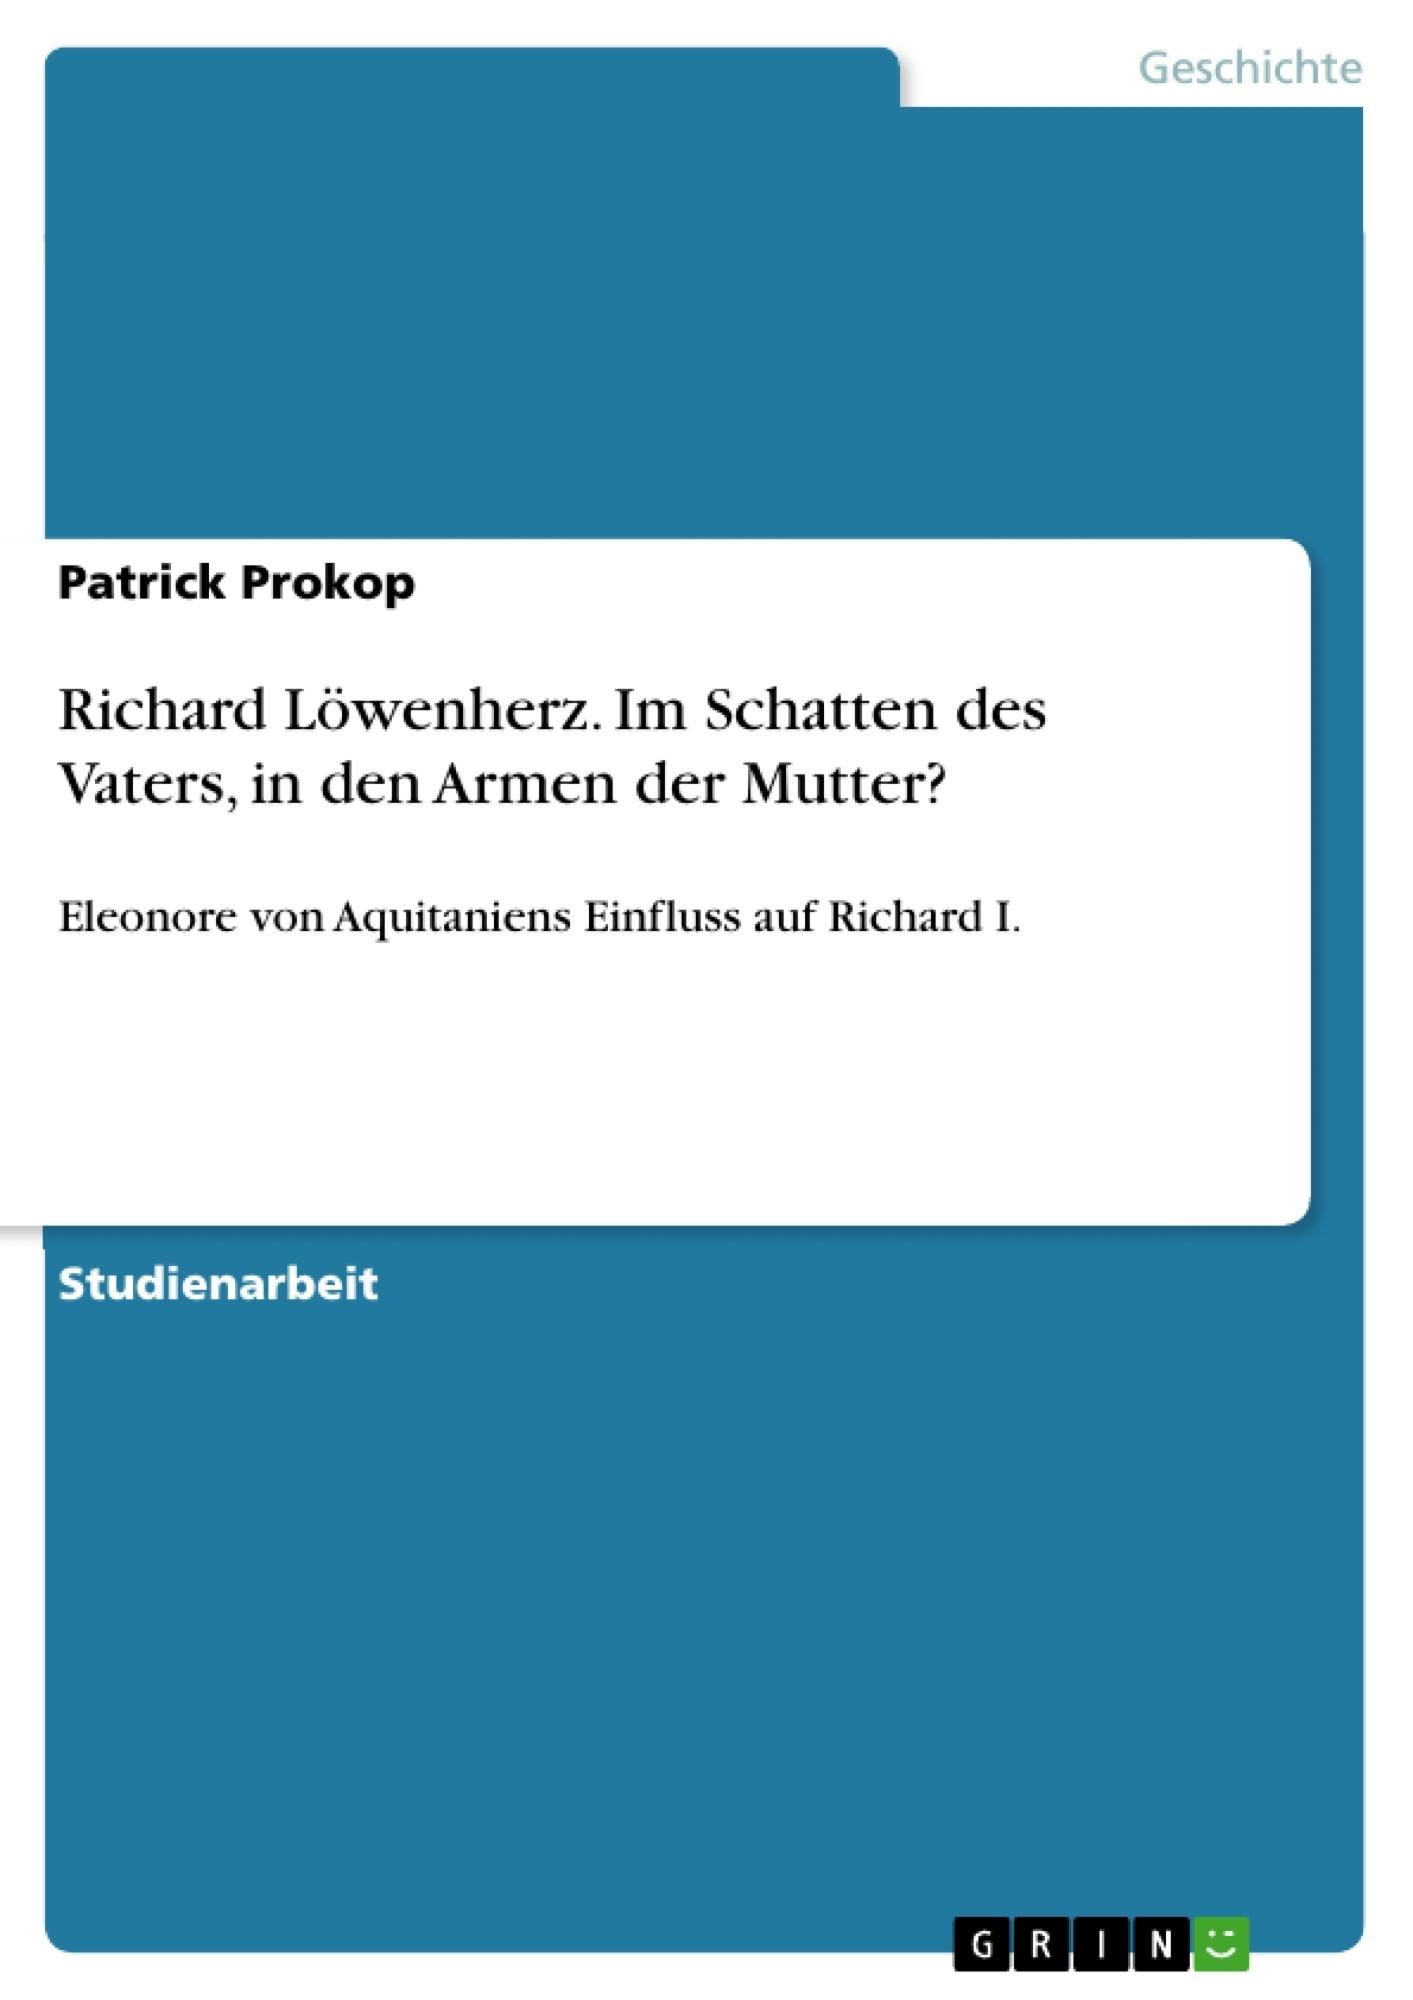 Titel: Richard Löwenherz. Im Schatten des Vaters, in den Armen der Mutter?